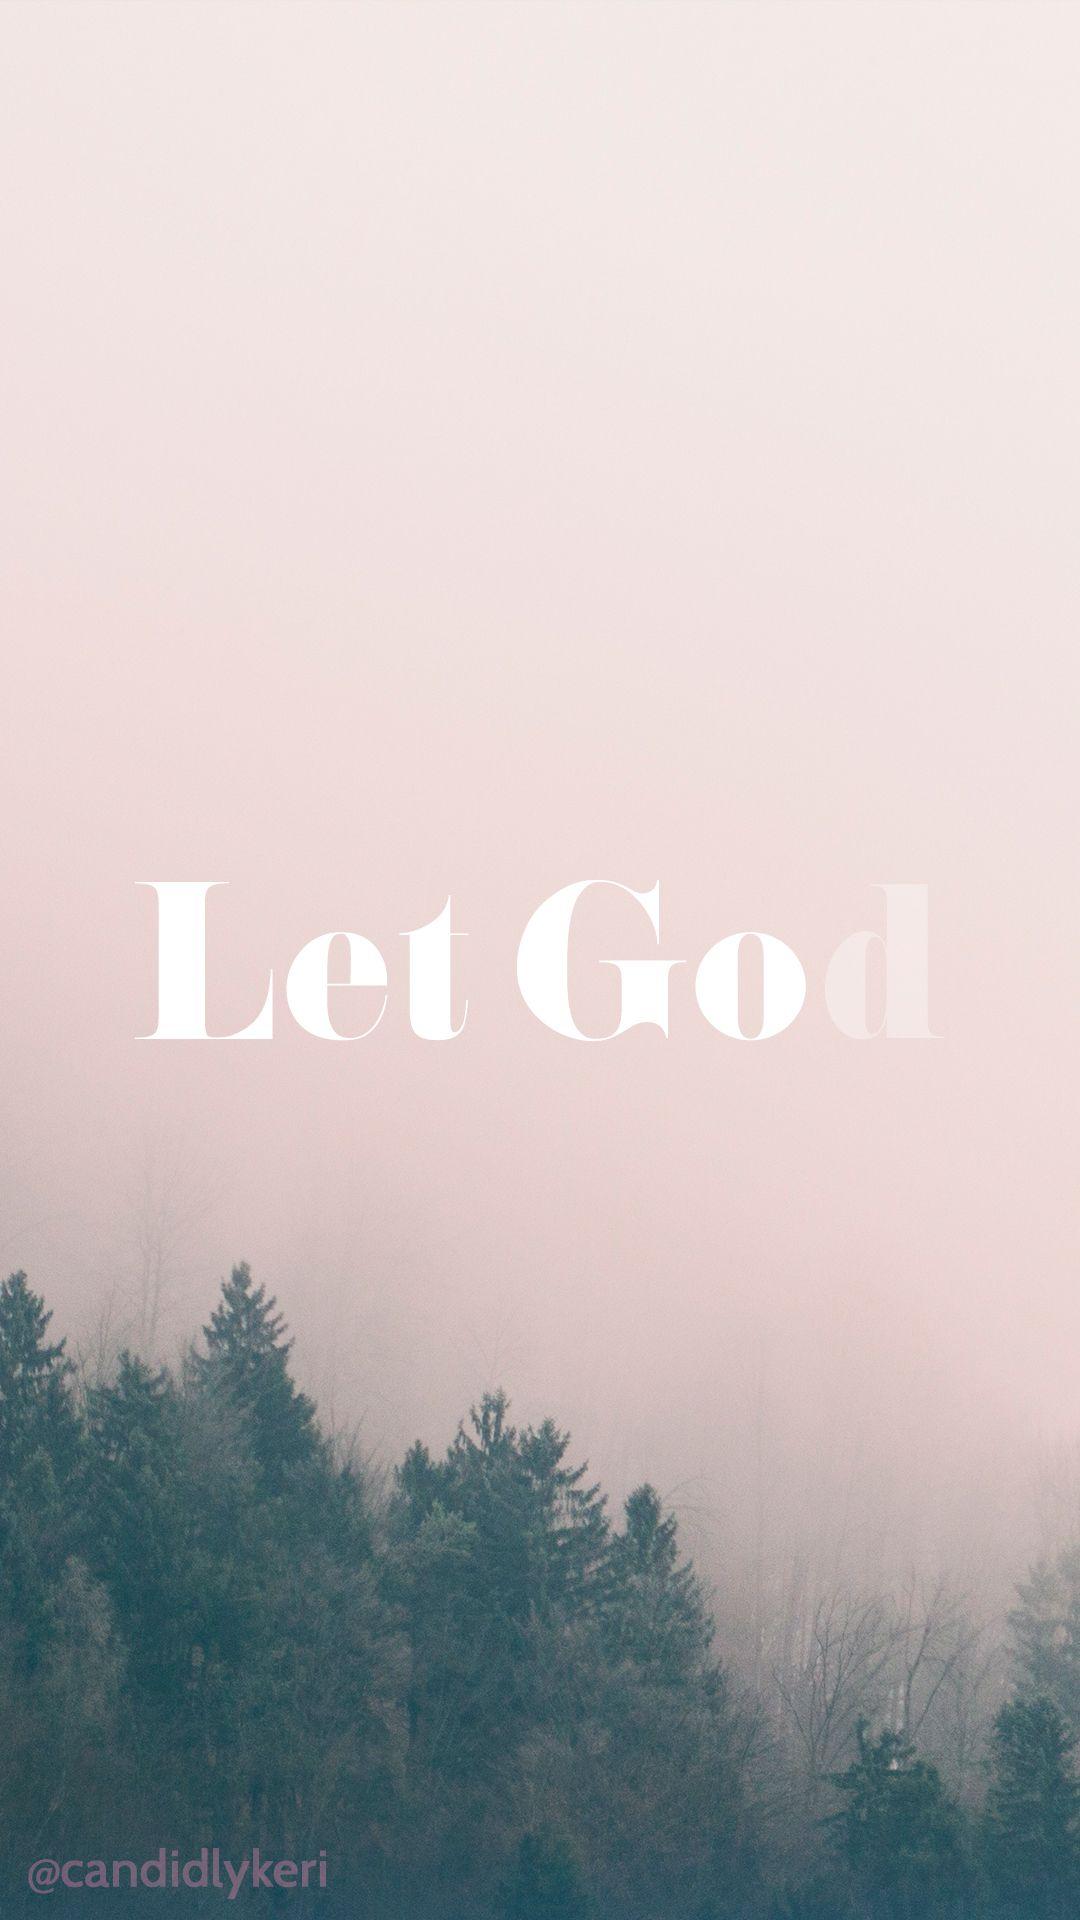 let go let god iphone let go and let god bible